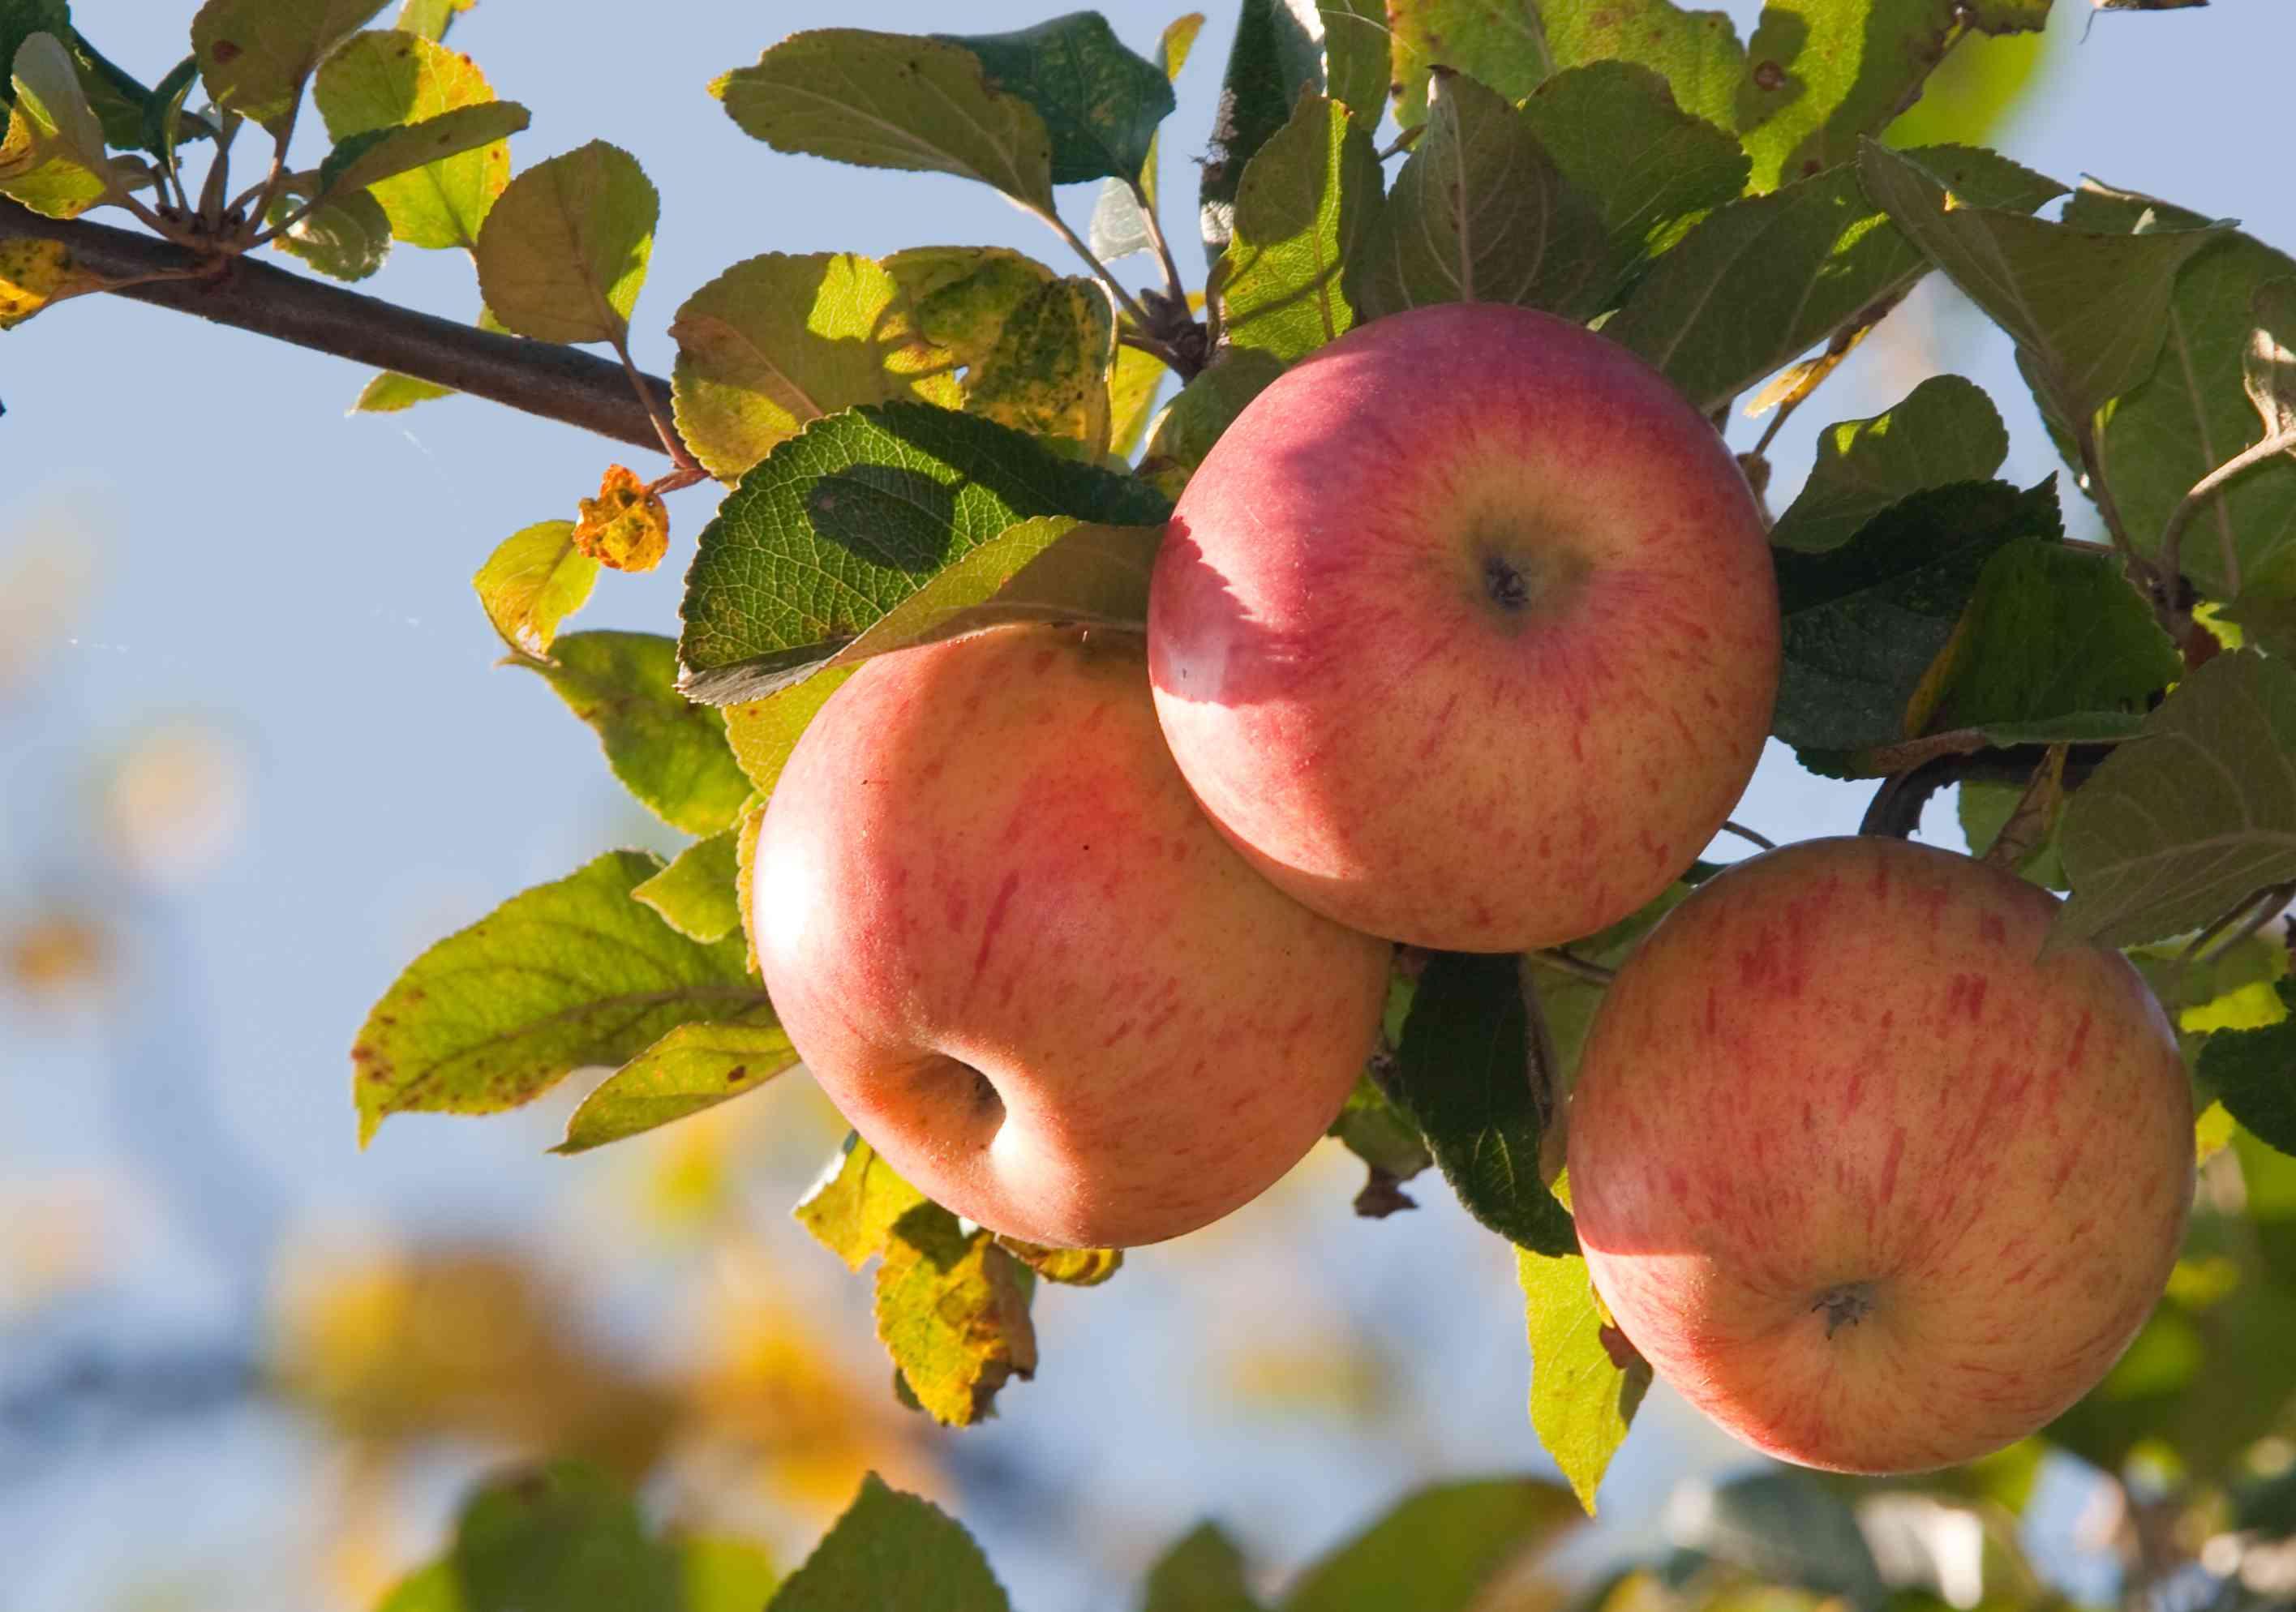 Hawaiian Apples